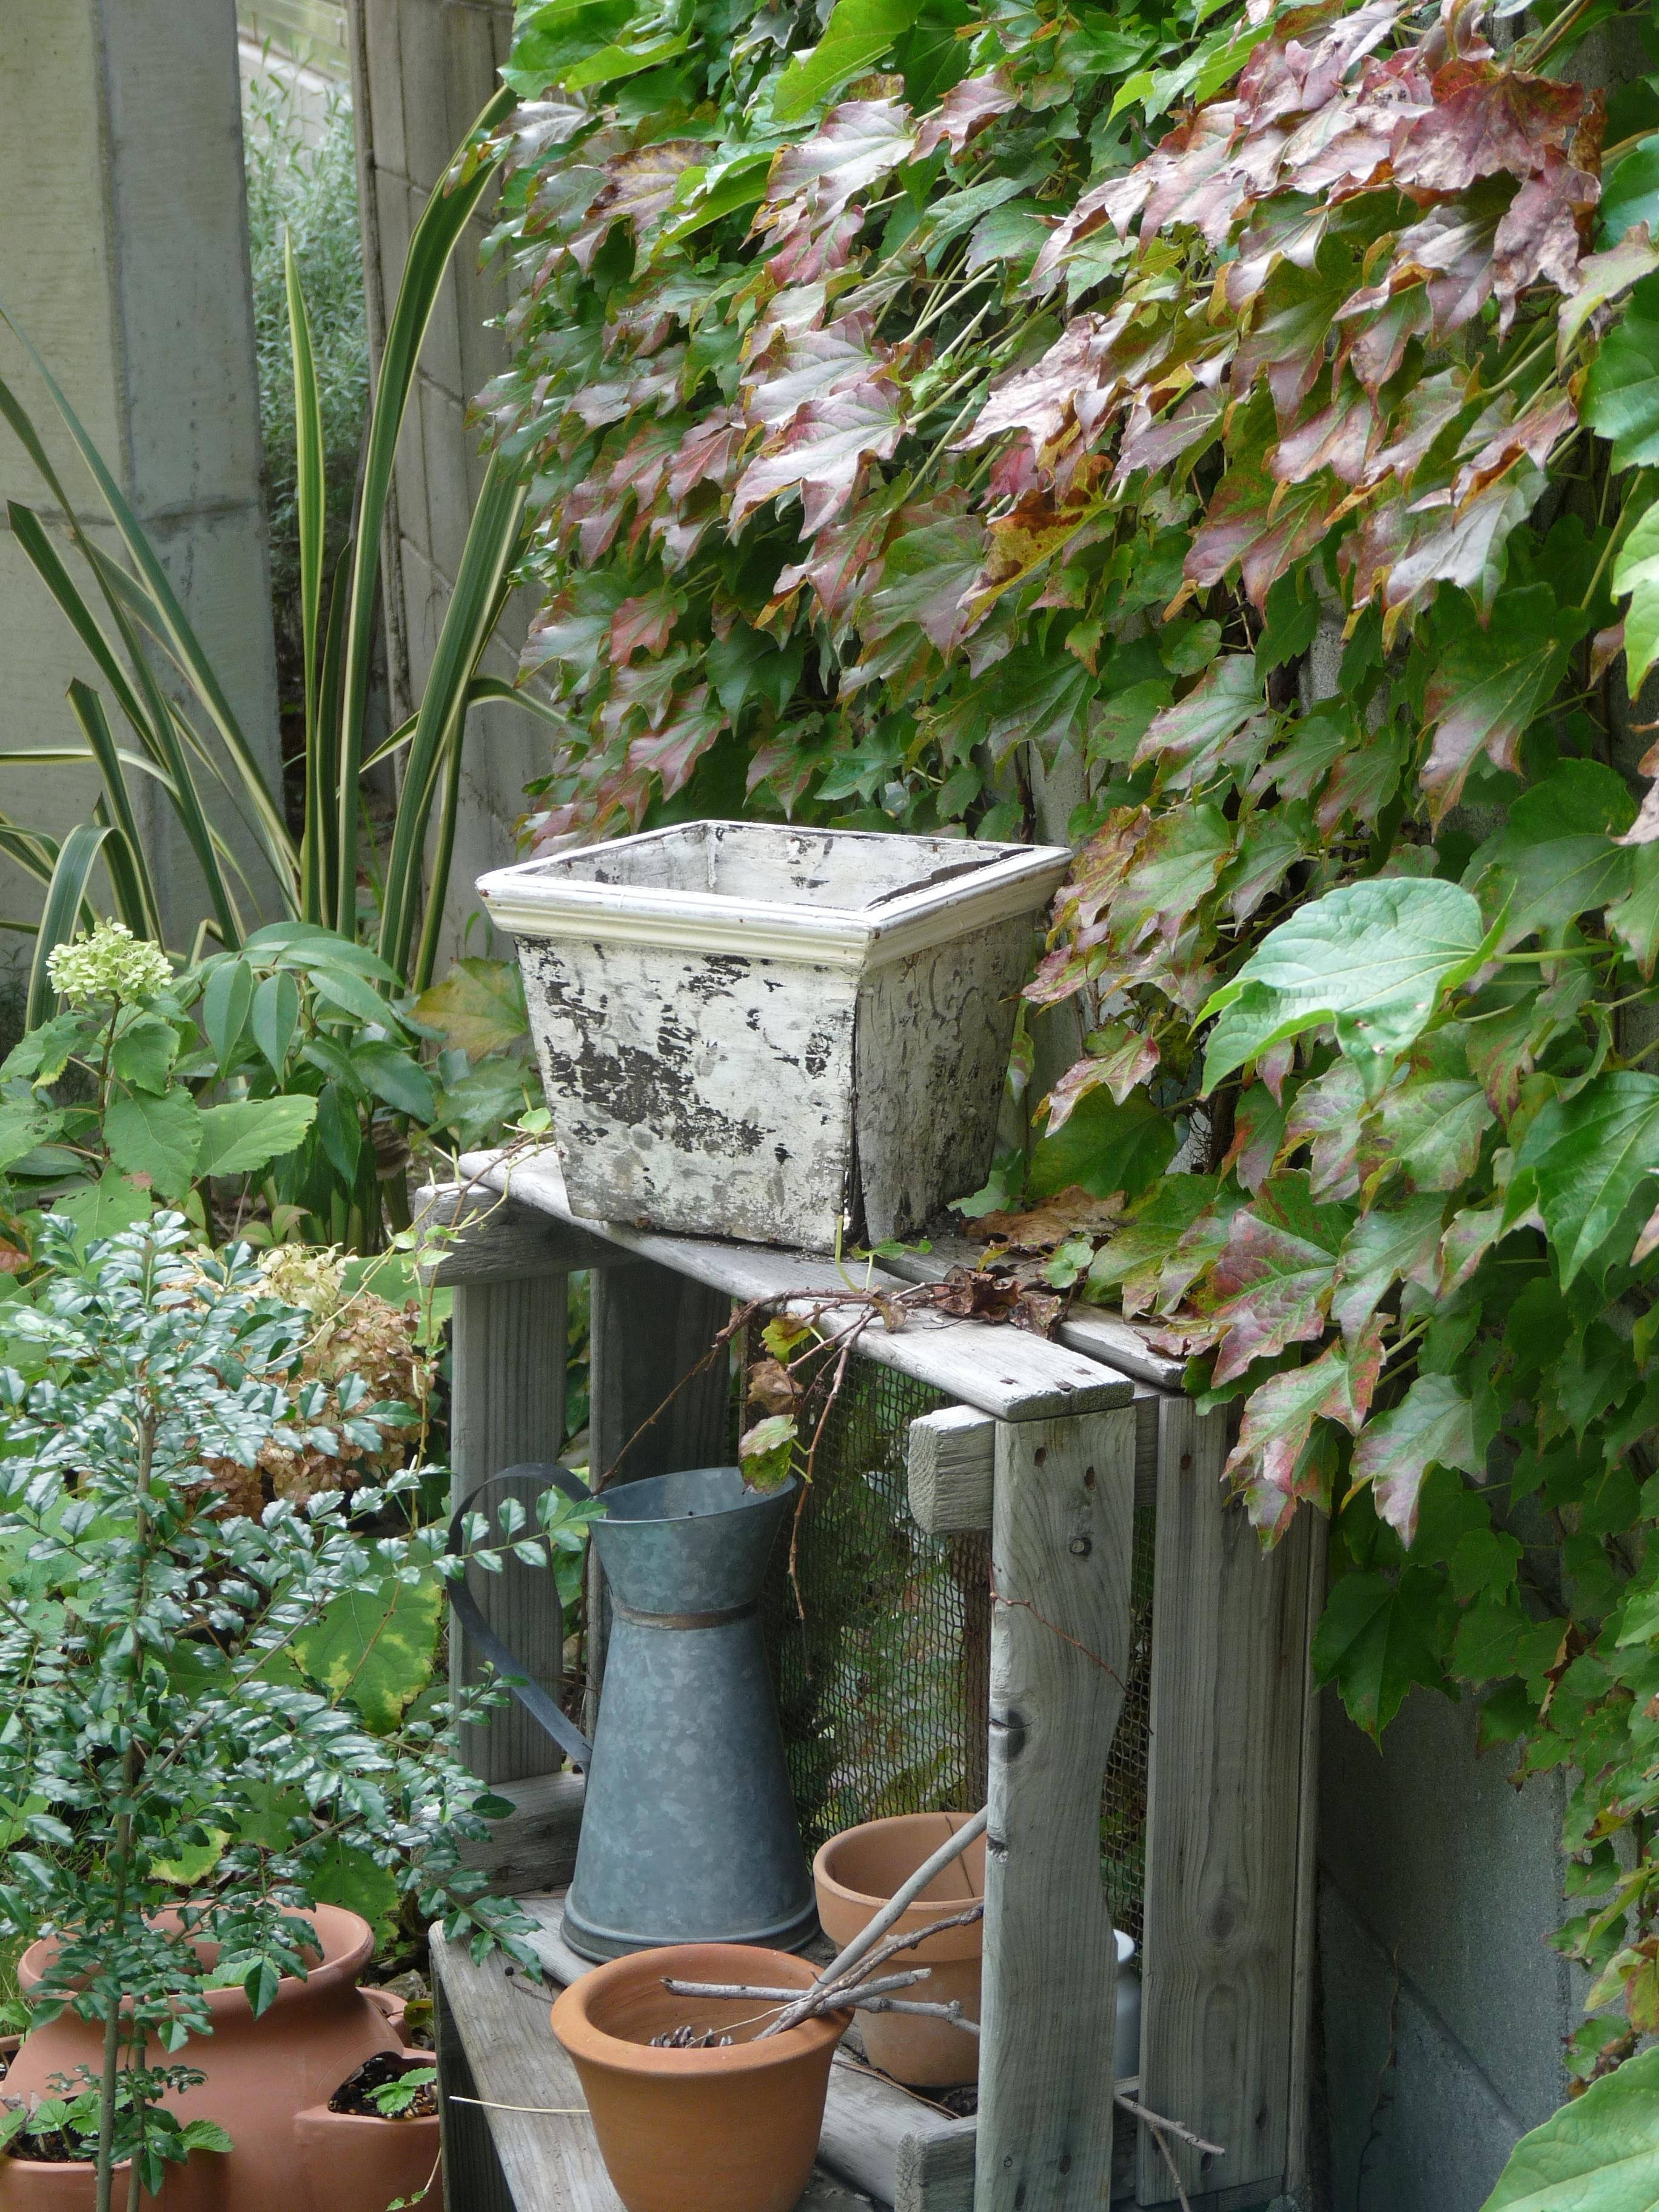 わが庭の秋 画像.JPG